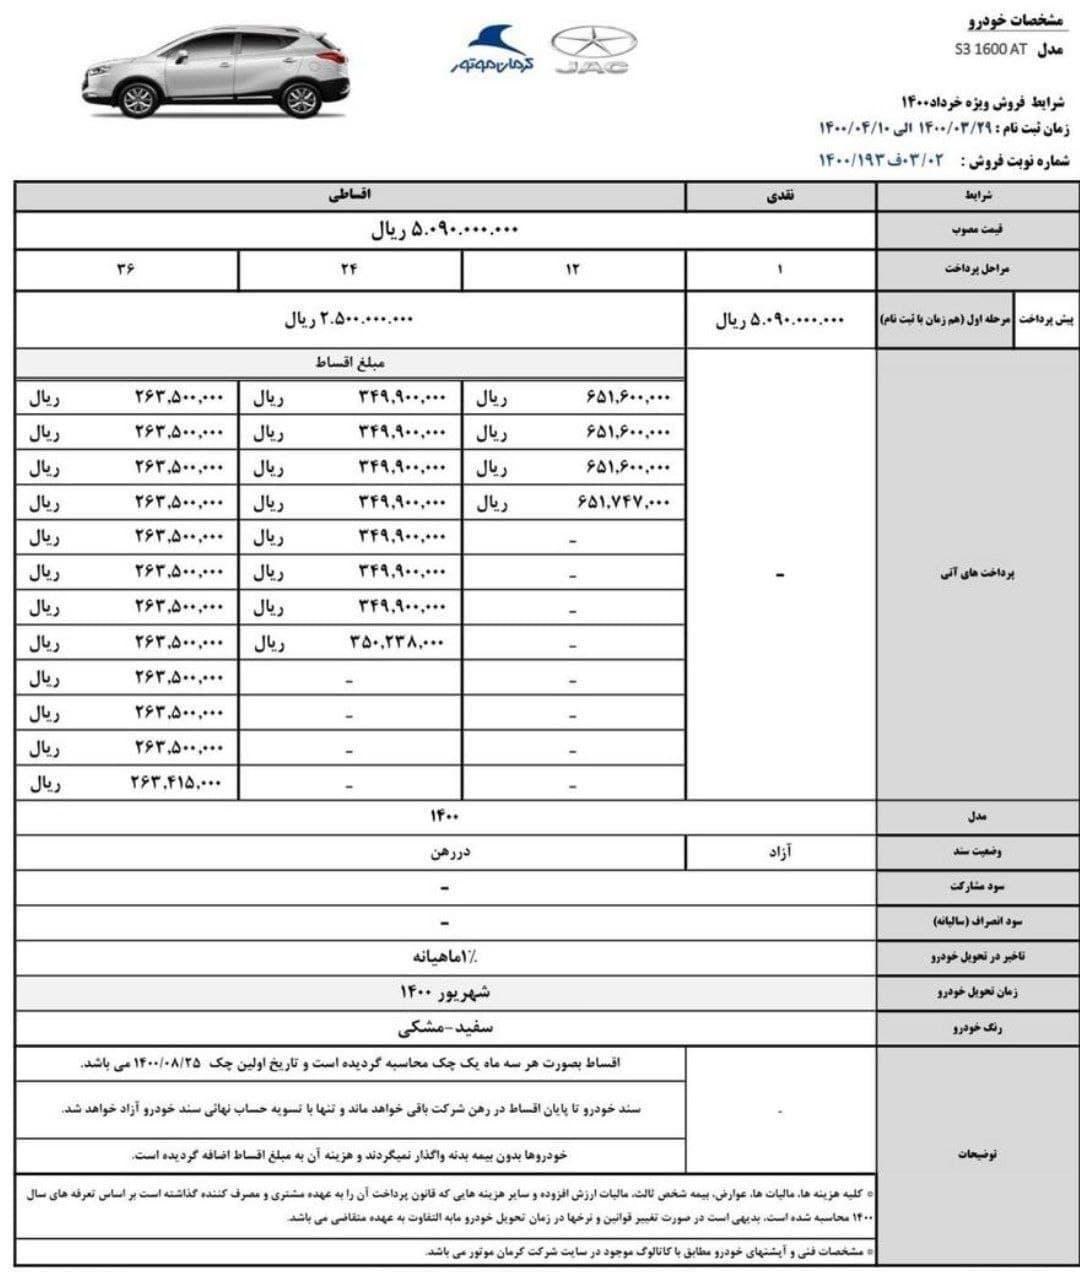 طرح جدید پیشفروش خودرو جک ای 3 ویژه خرداد و تیر 1400